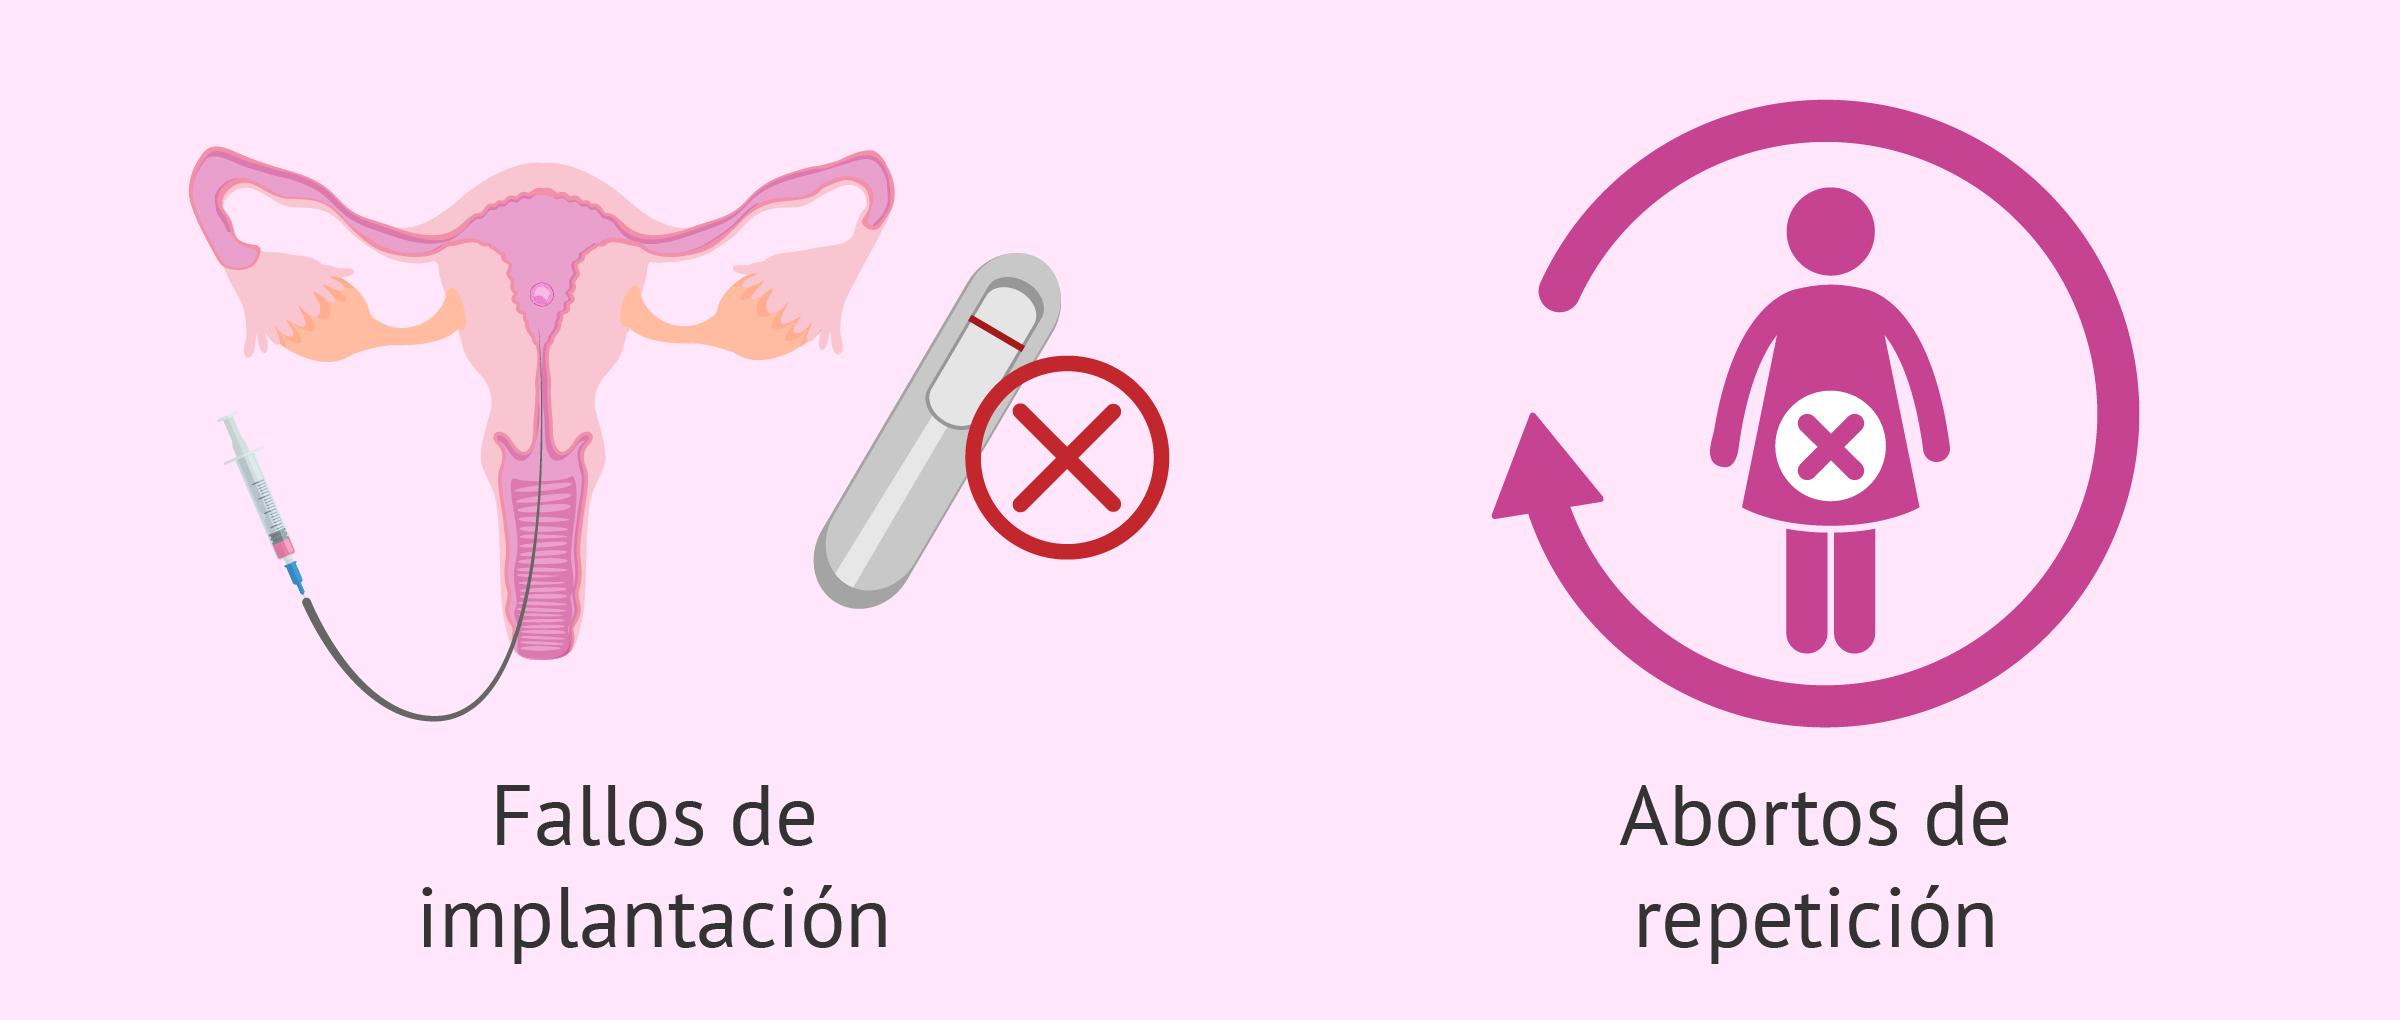 Fallos de implantación y abortos de repetición